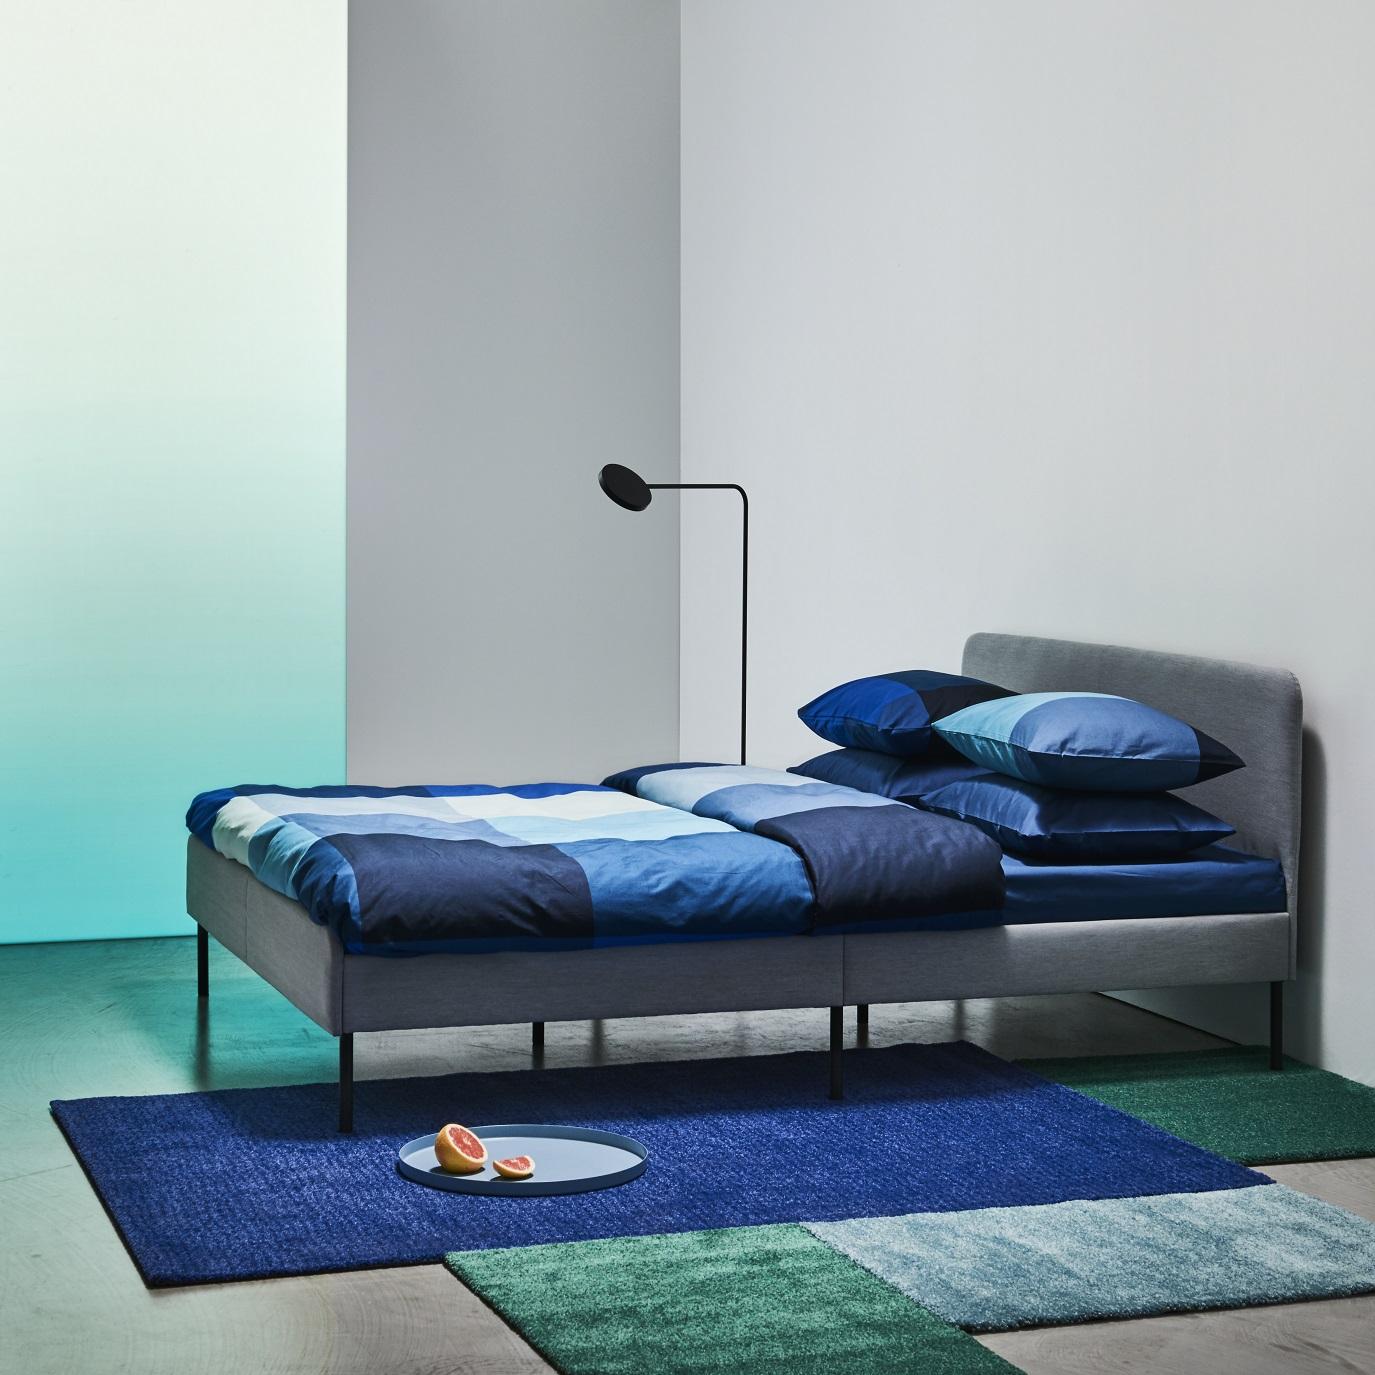 SLATTUN upholstered bed